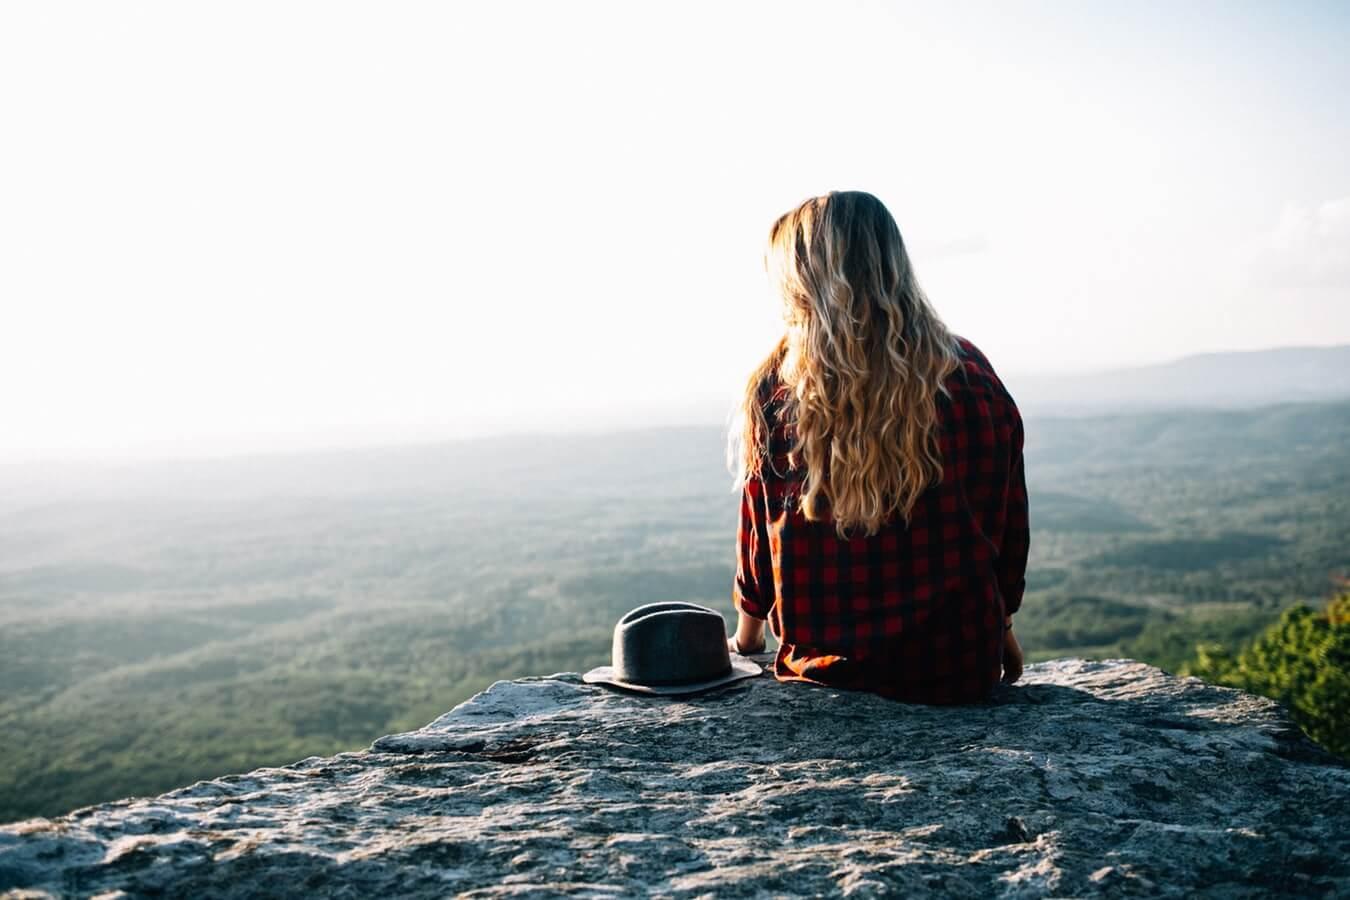 La force des pensées positivespour assurer la guérison